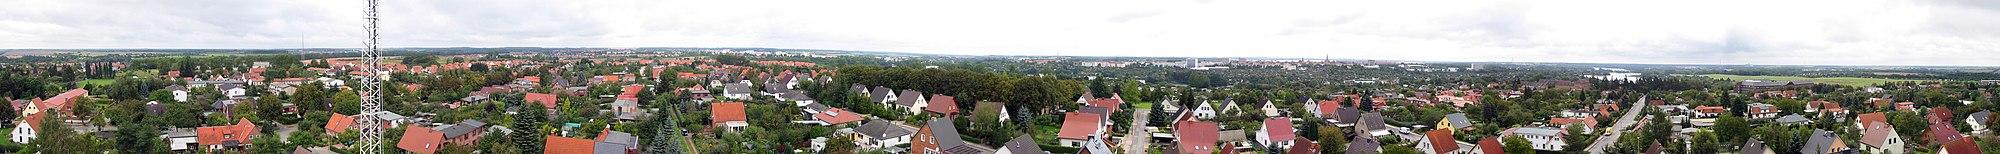 Panorama Schwerin Wasserturm Neumuehle.jpg